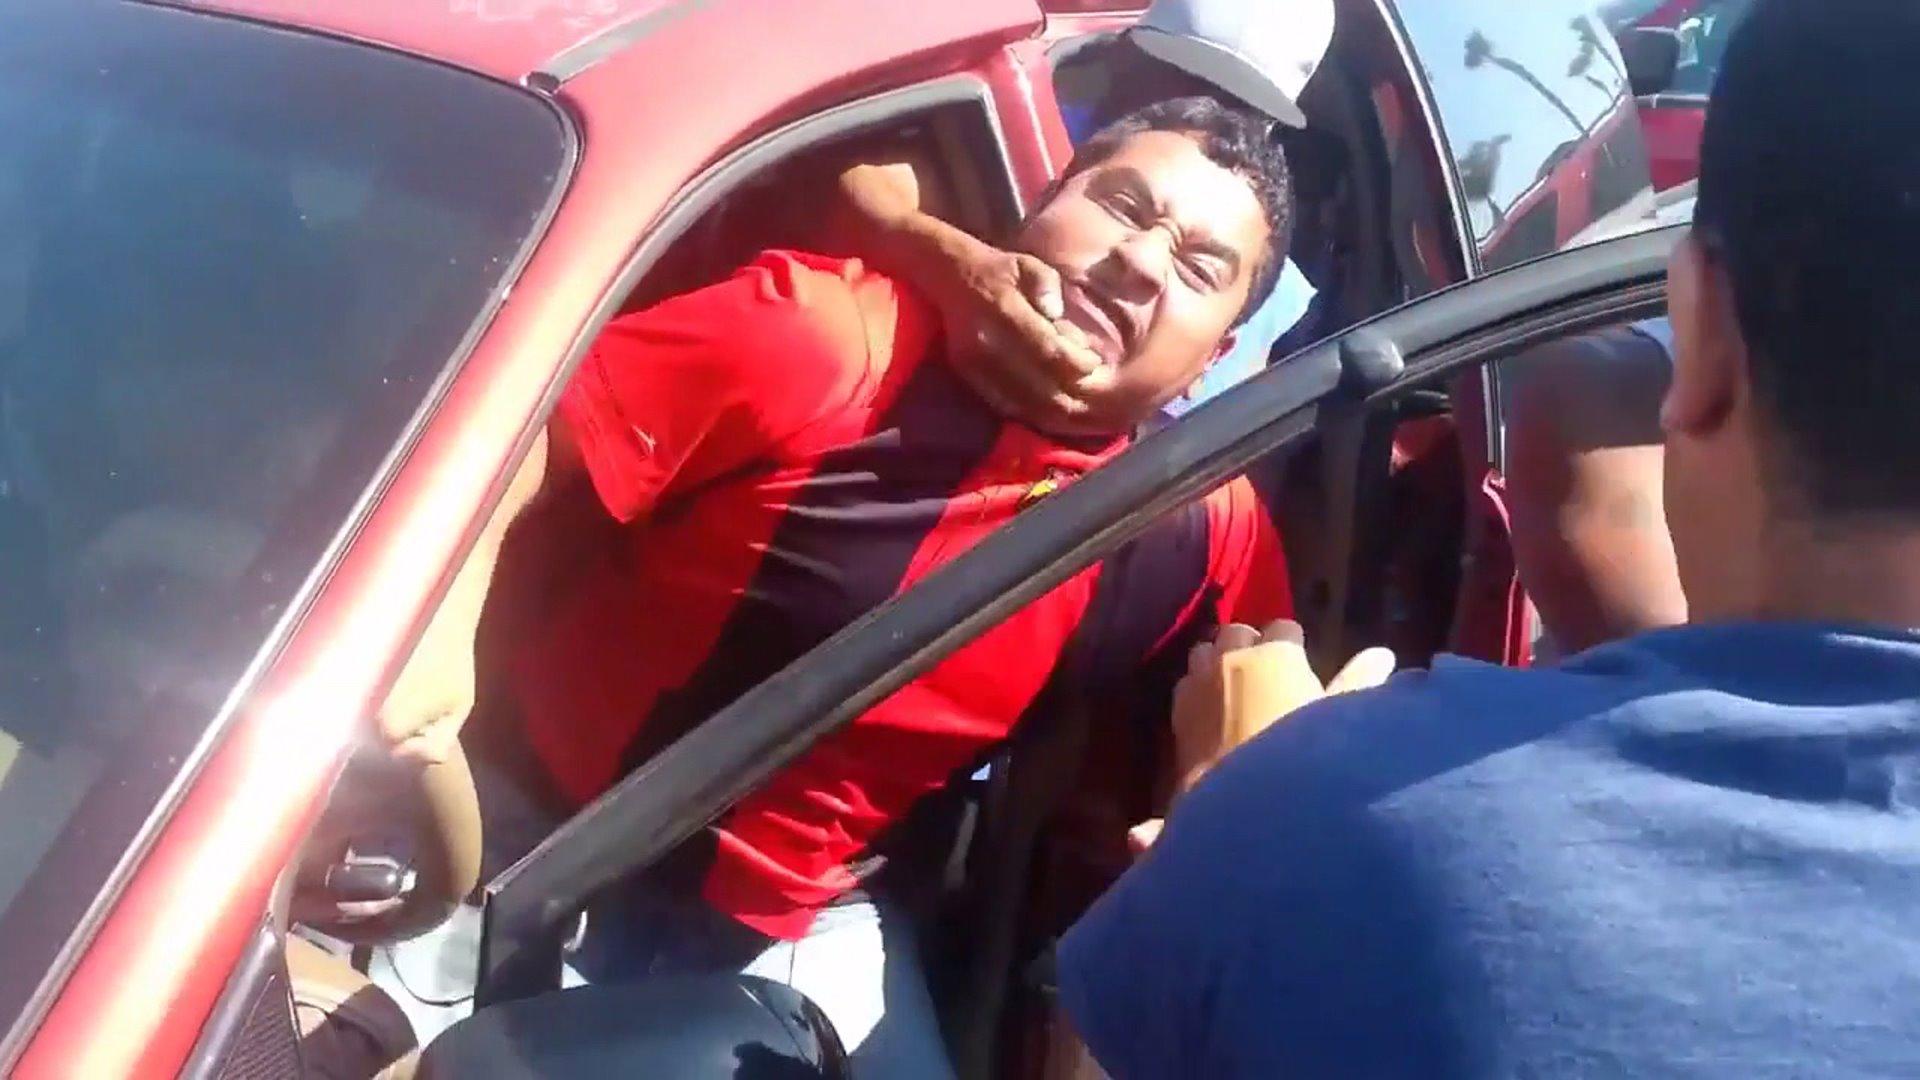 suspected carjacker